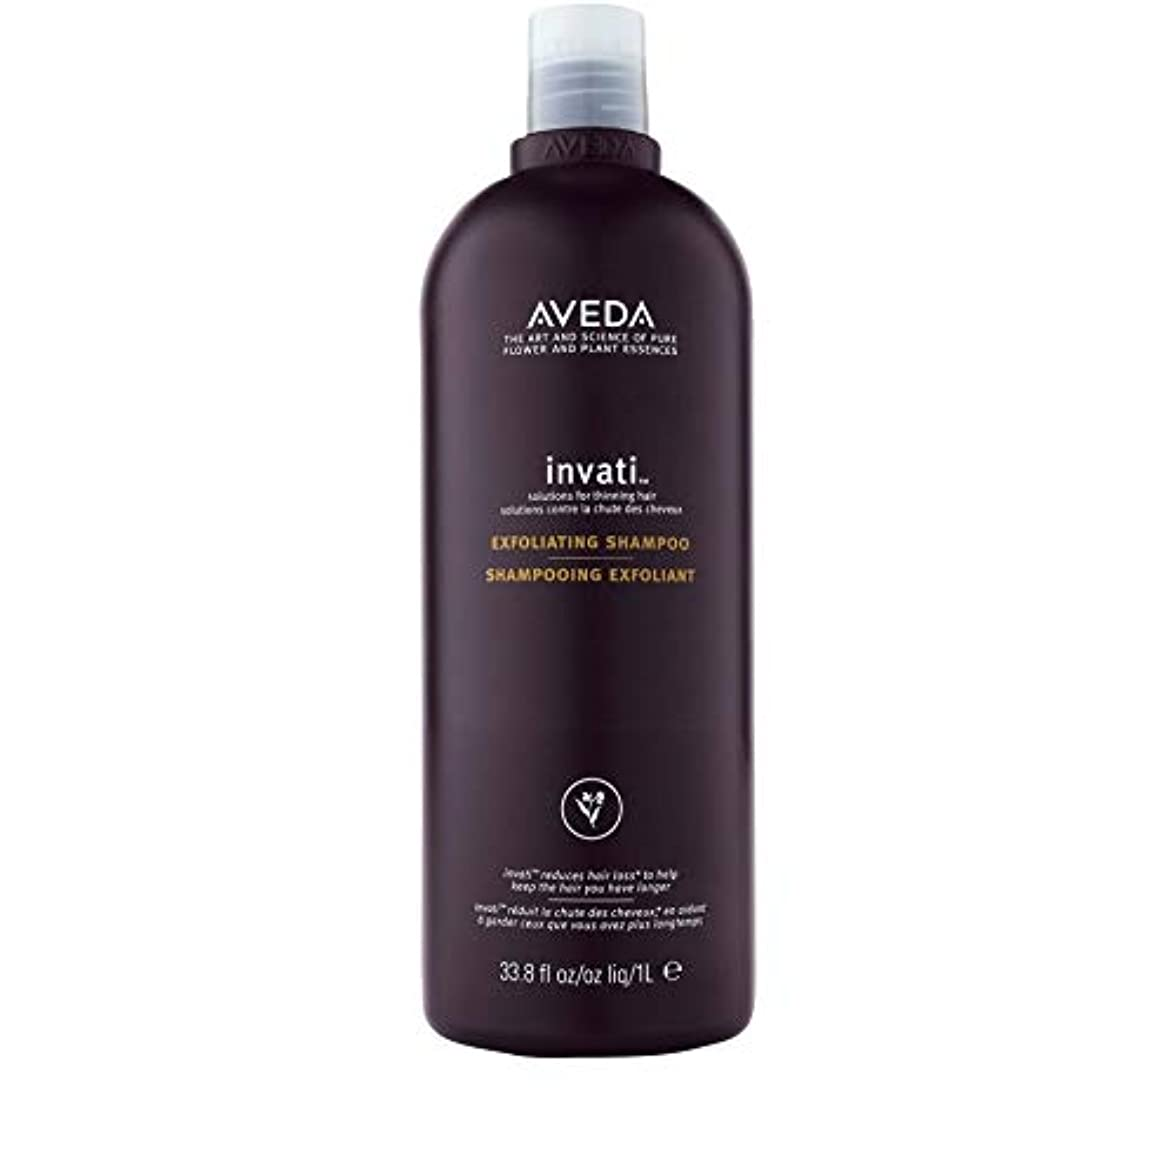 非常に怒っています品変更可能[AVEDA ] アヴェダInvati角質シャンプー1リットル - Aveda Invati Exfoliating Shampoo 1L [並行輸入品]